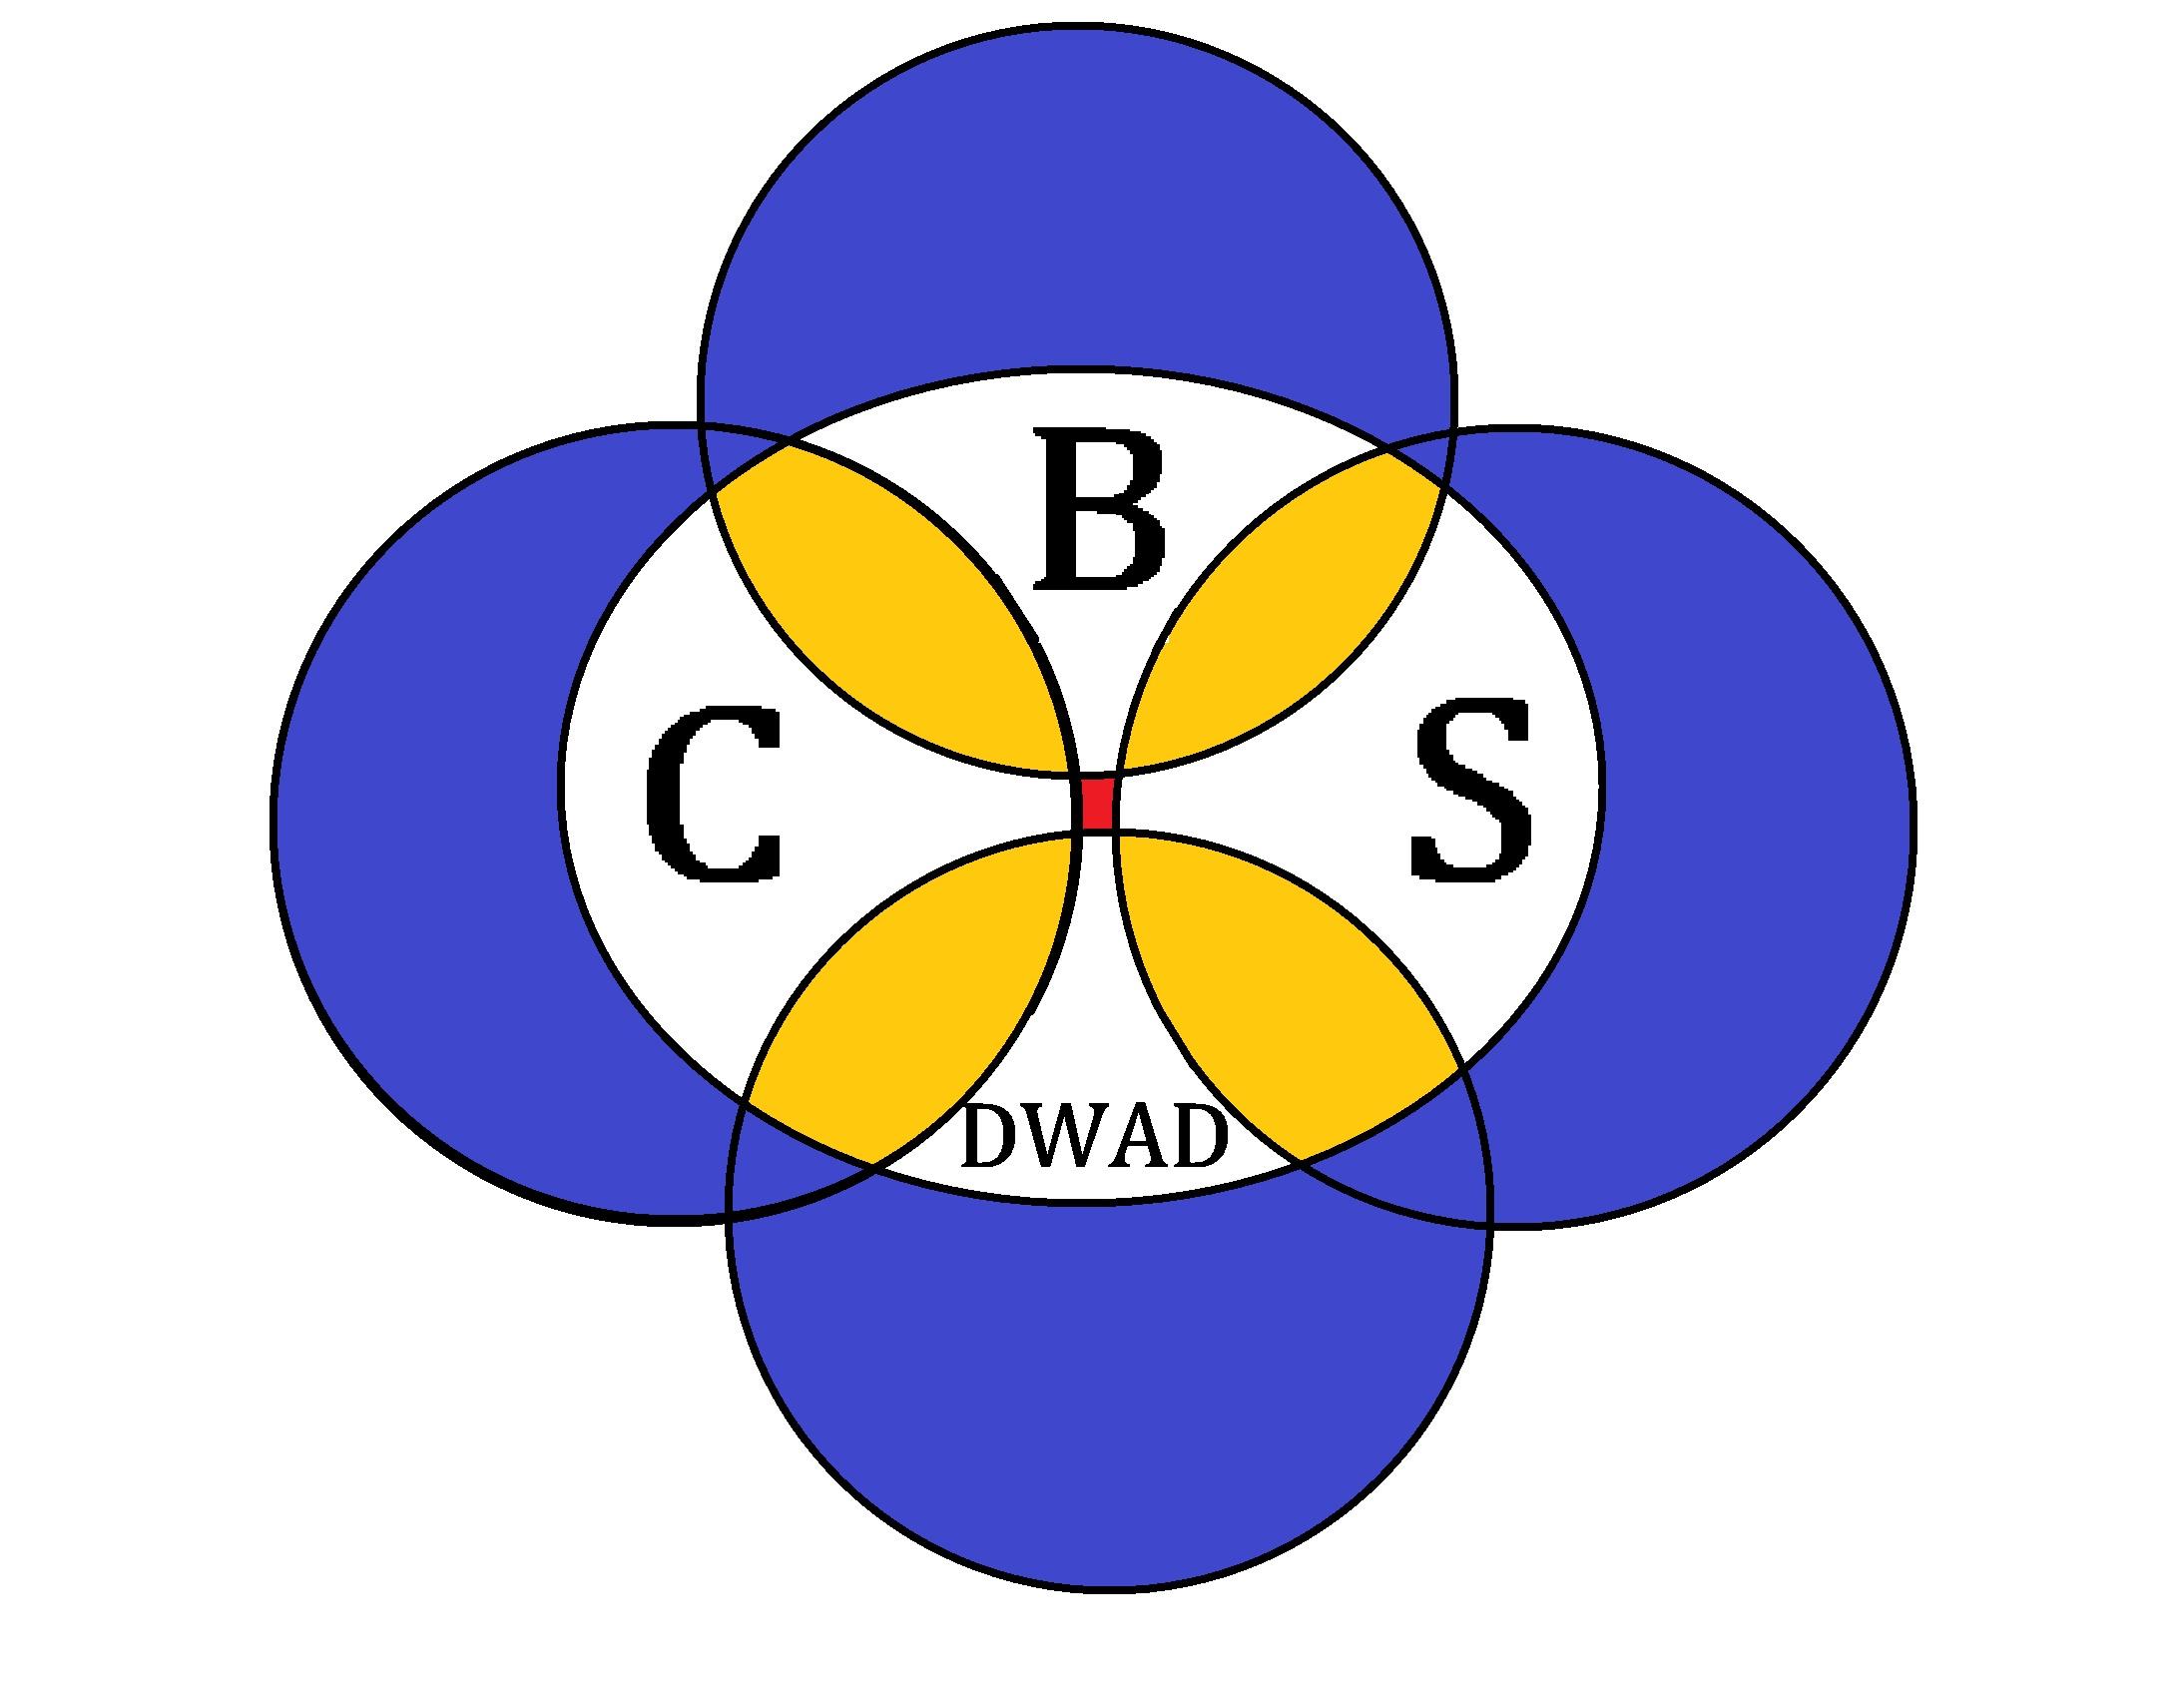 CBS DWAD.jpg